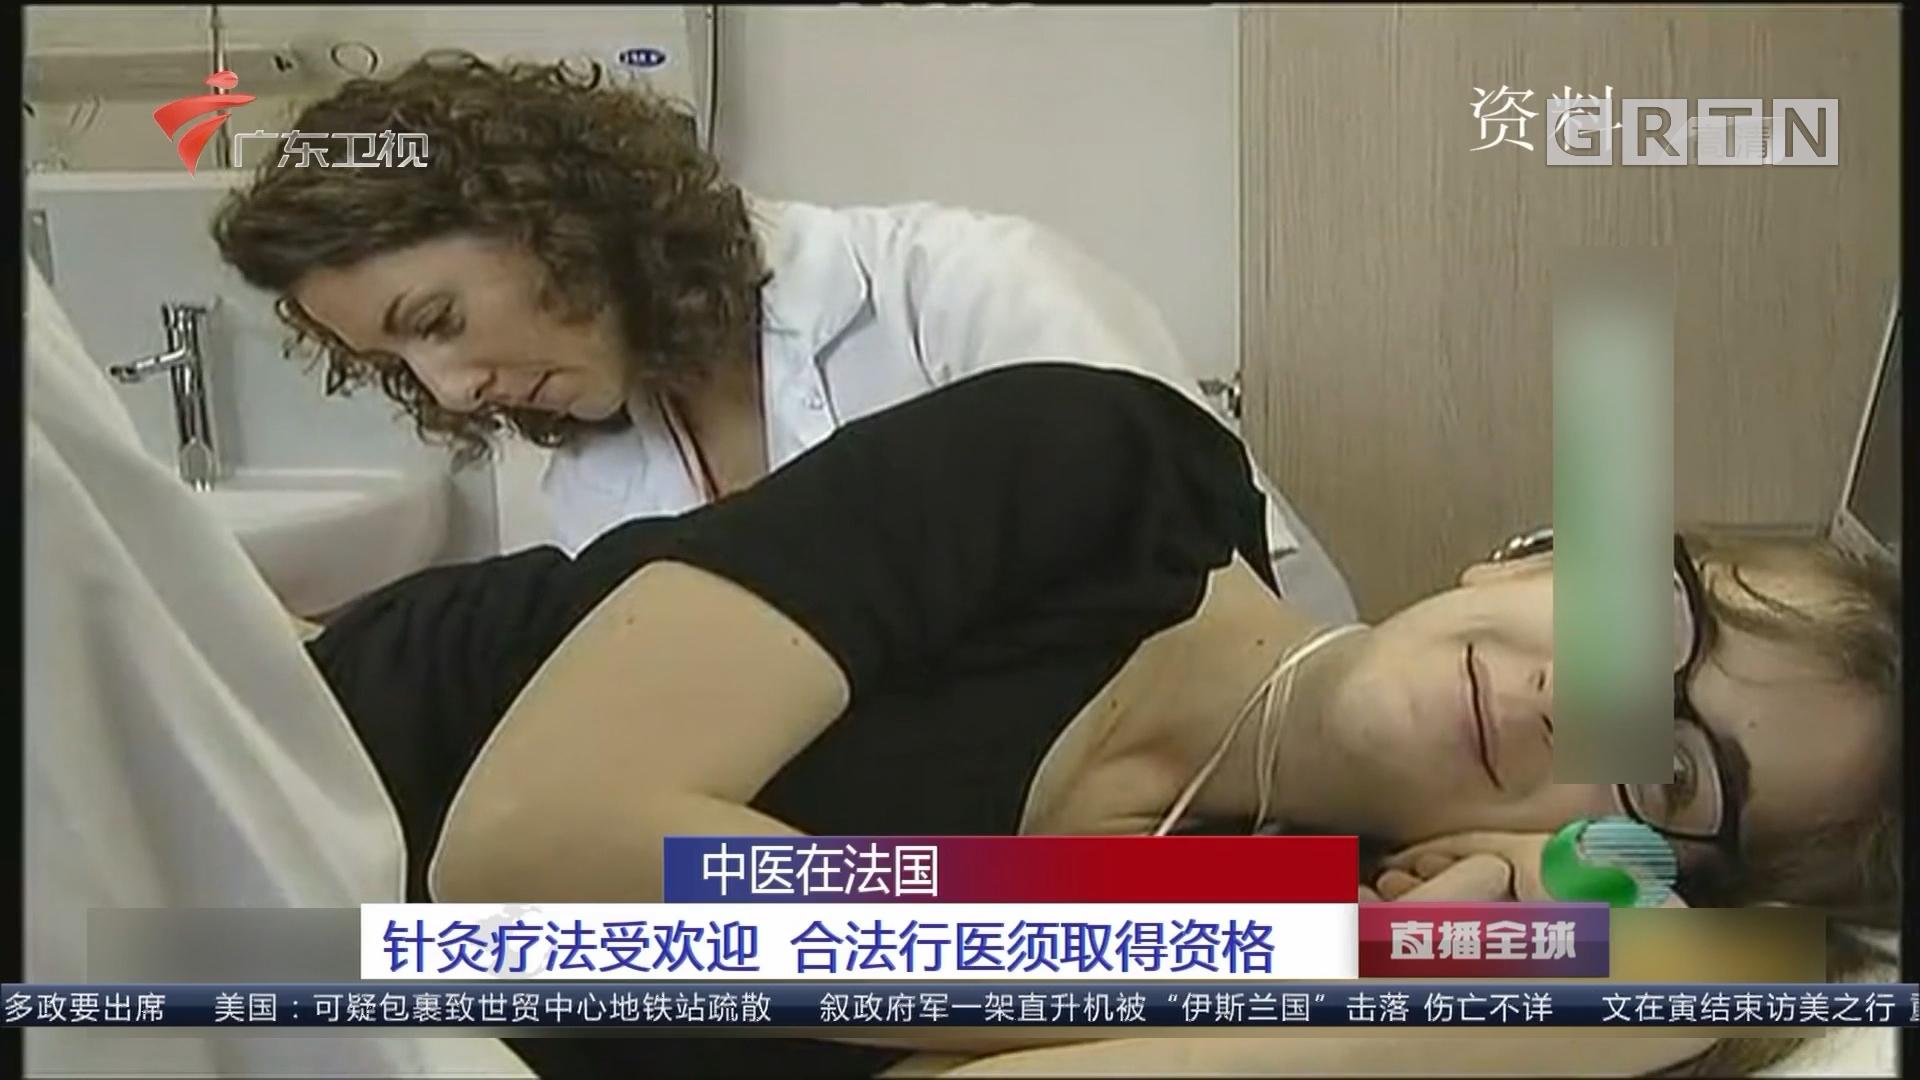 中医在法国:针灸疗法受欢迎 合法行医须取得资格